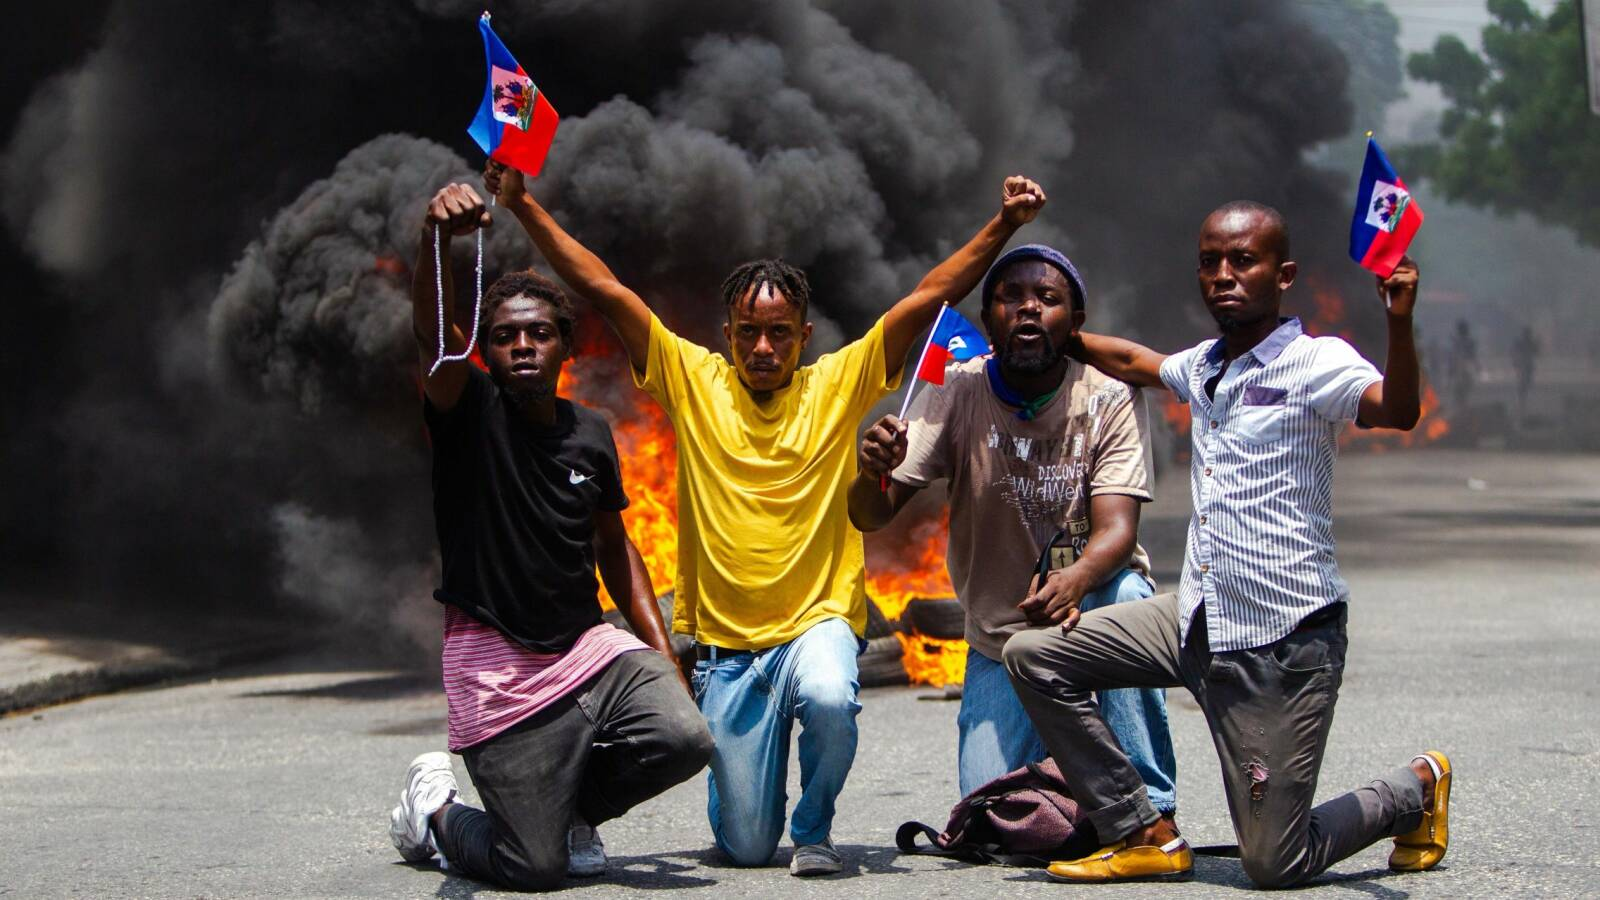 Haití: claves para entender un país sumido en la ingobernabilidad y la pobreza